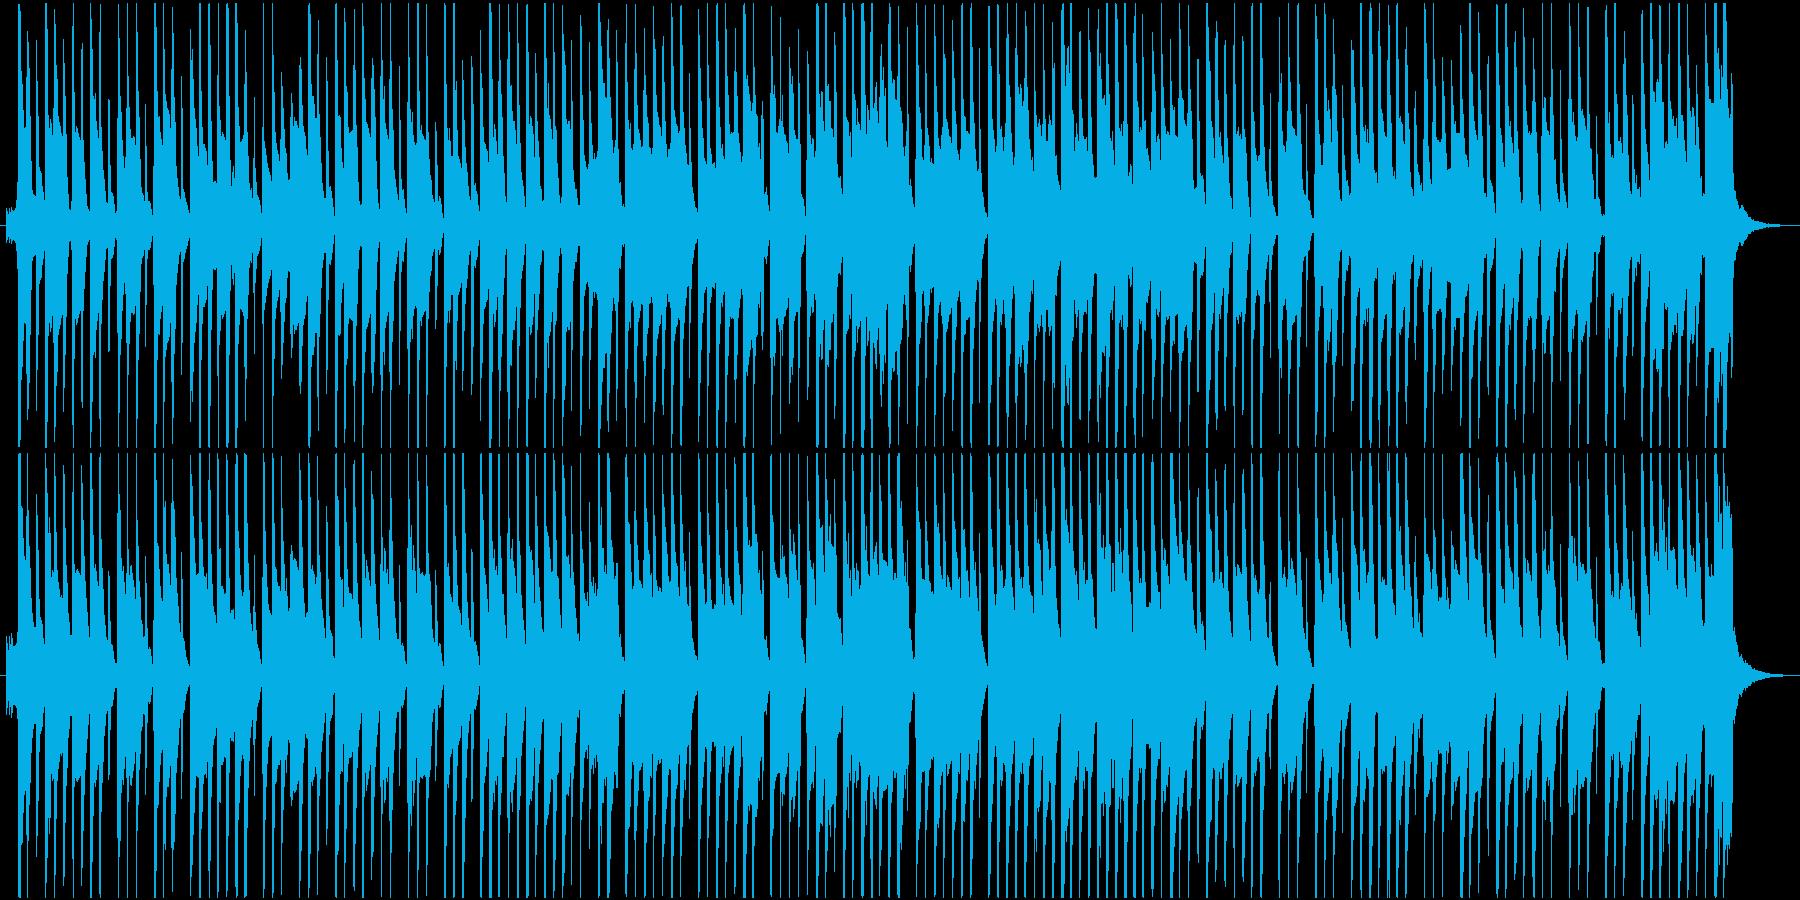 ほのぼのしたお気楽な木琴のジングルの再生済みの波形